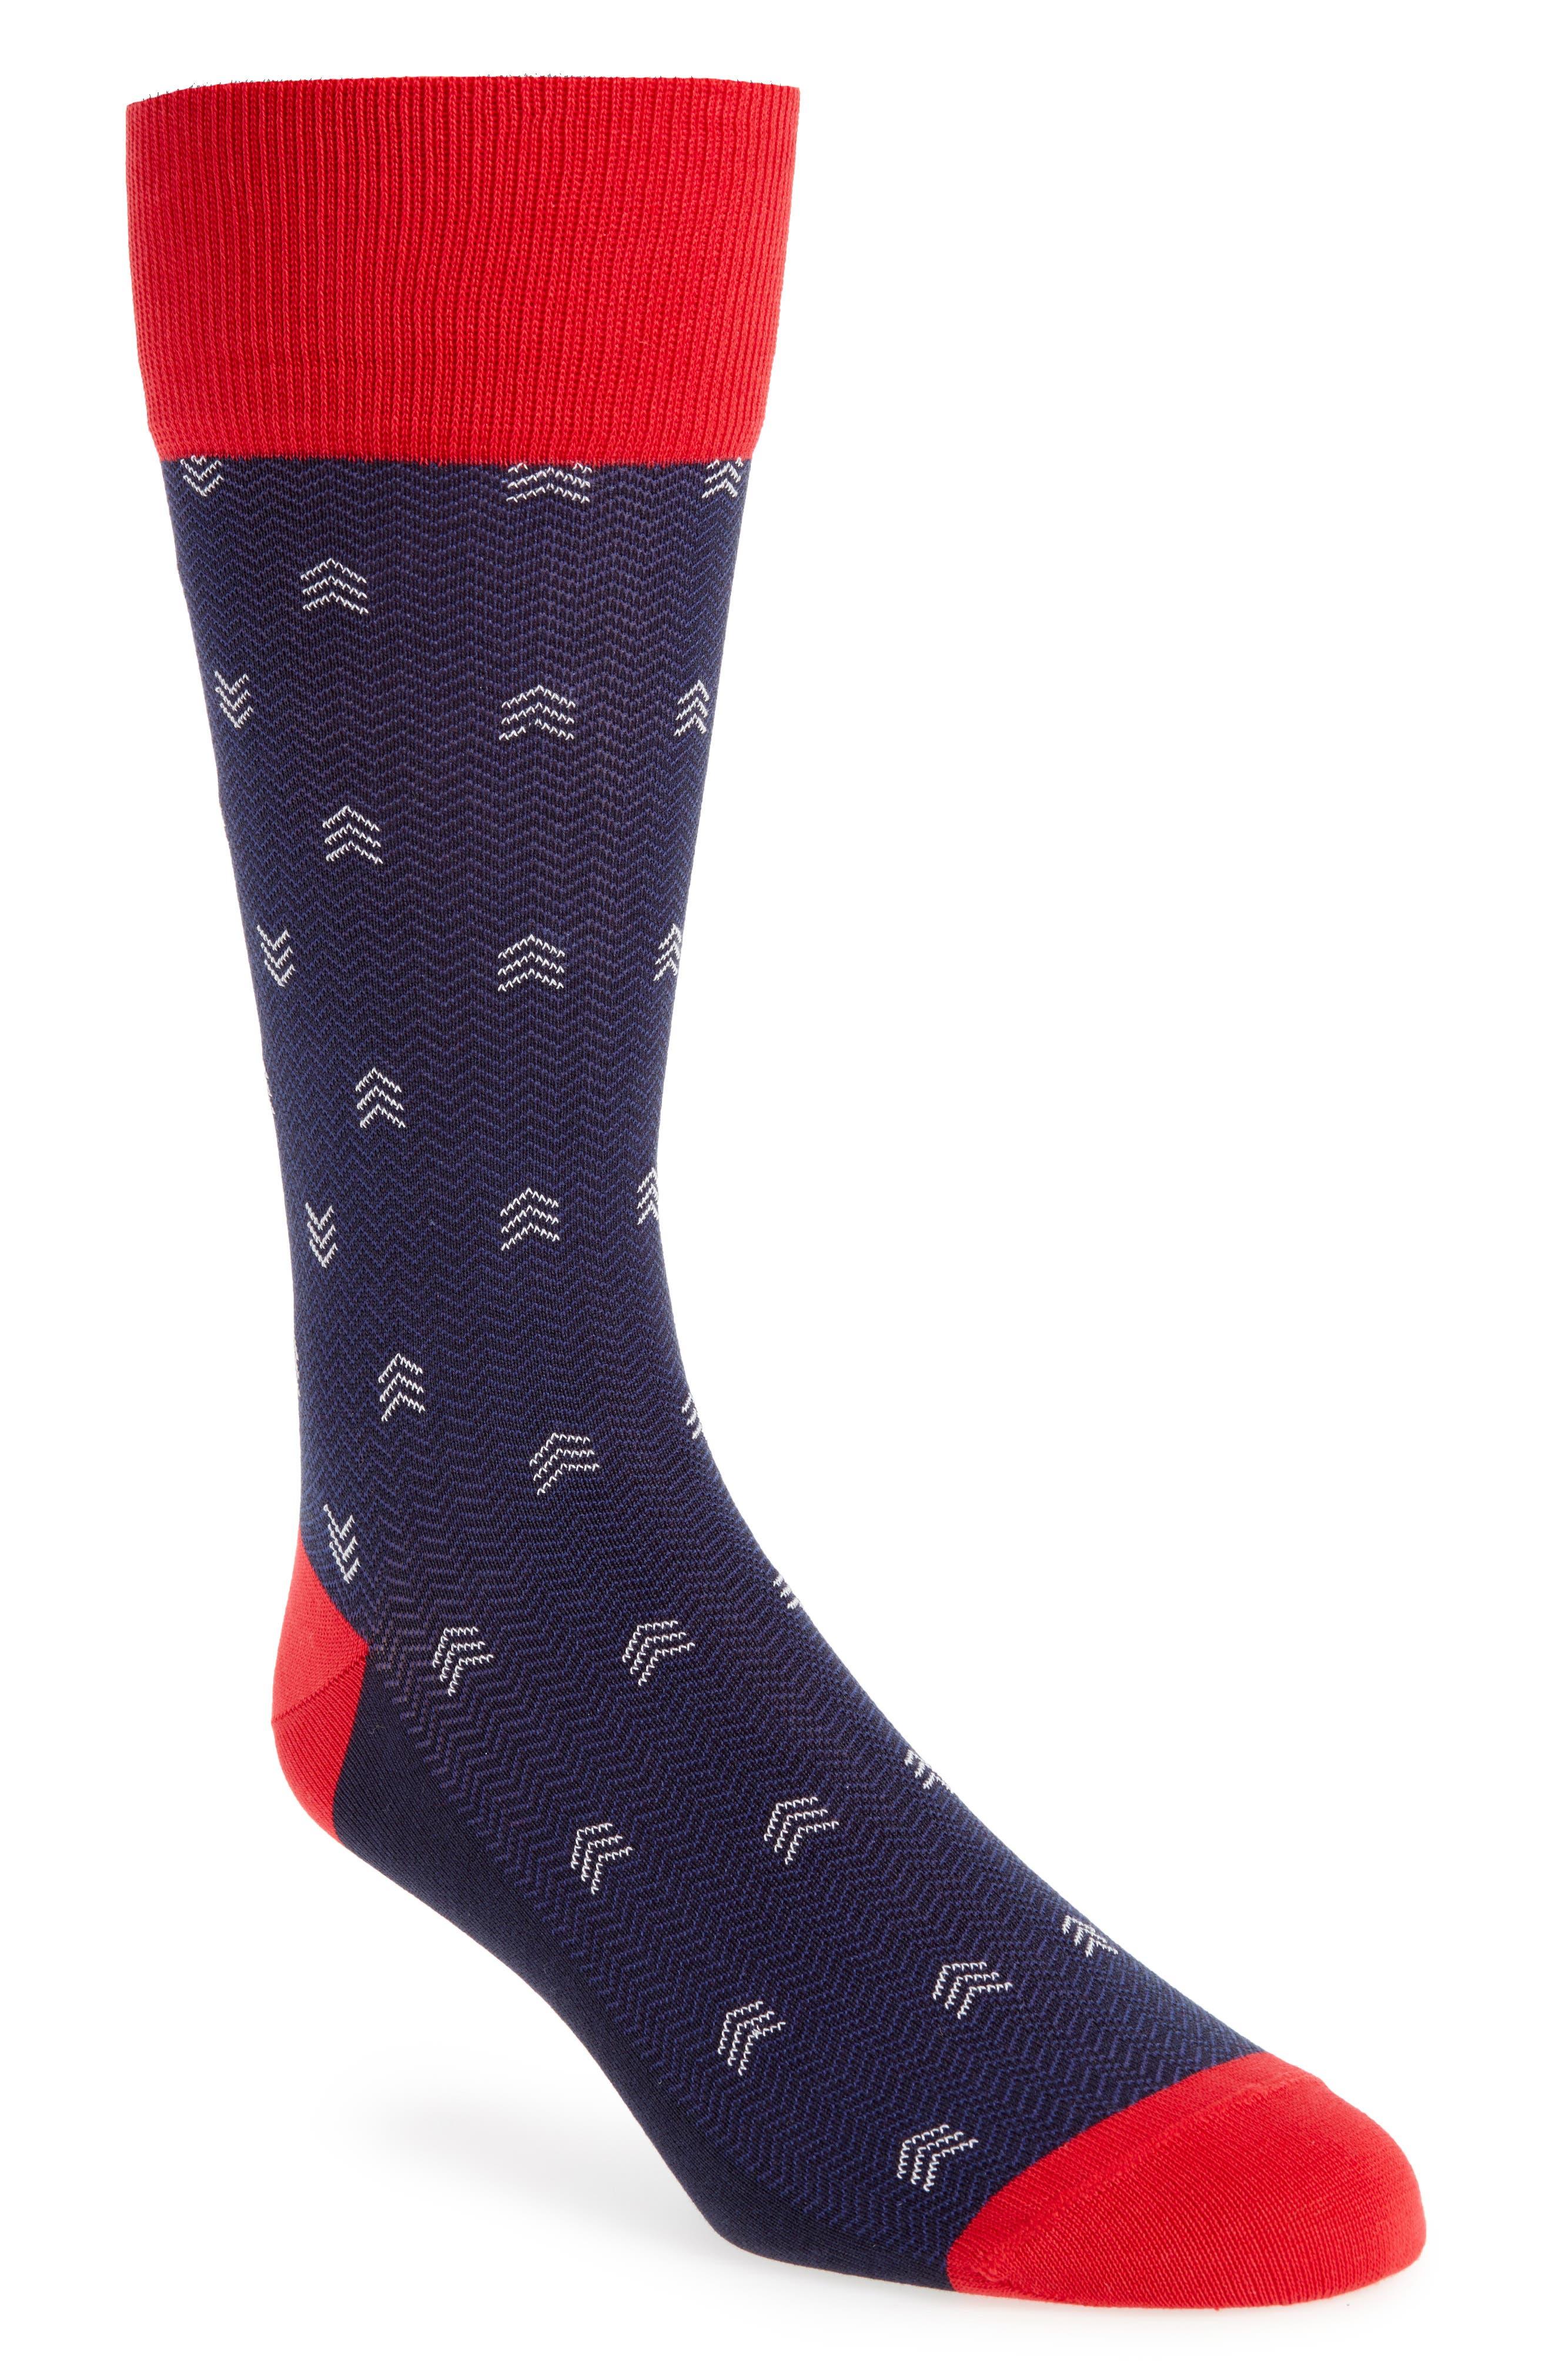 Dancing Chevron Socks,                             Main thumbnail 1, color,                             NAVY/ RED